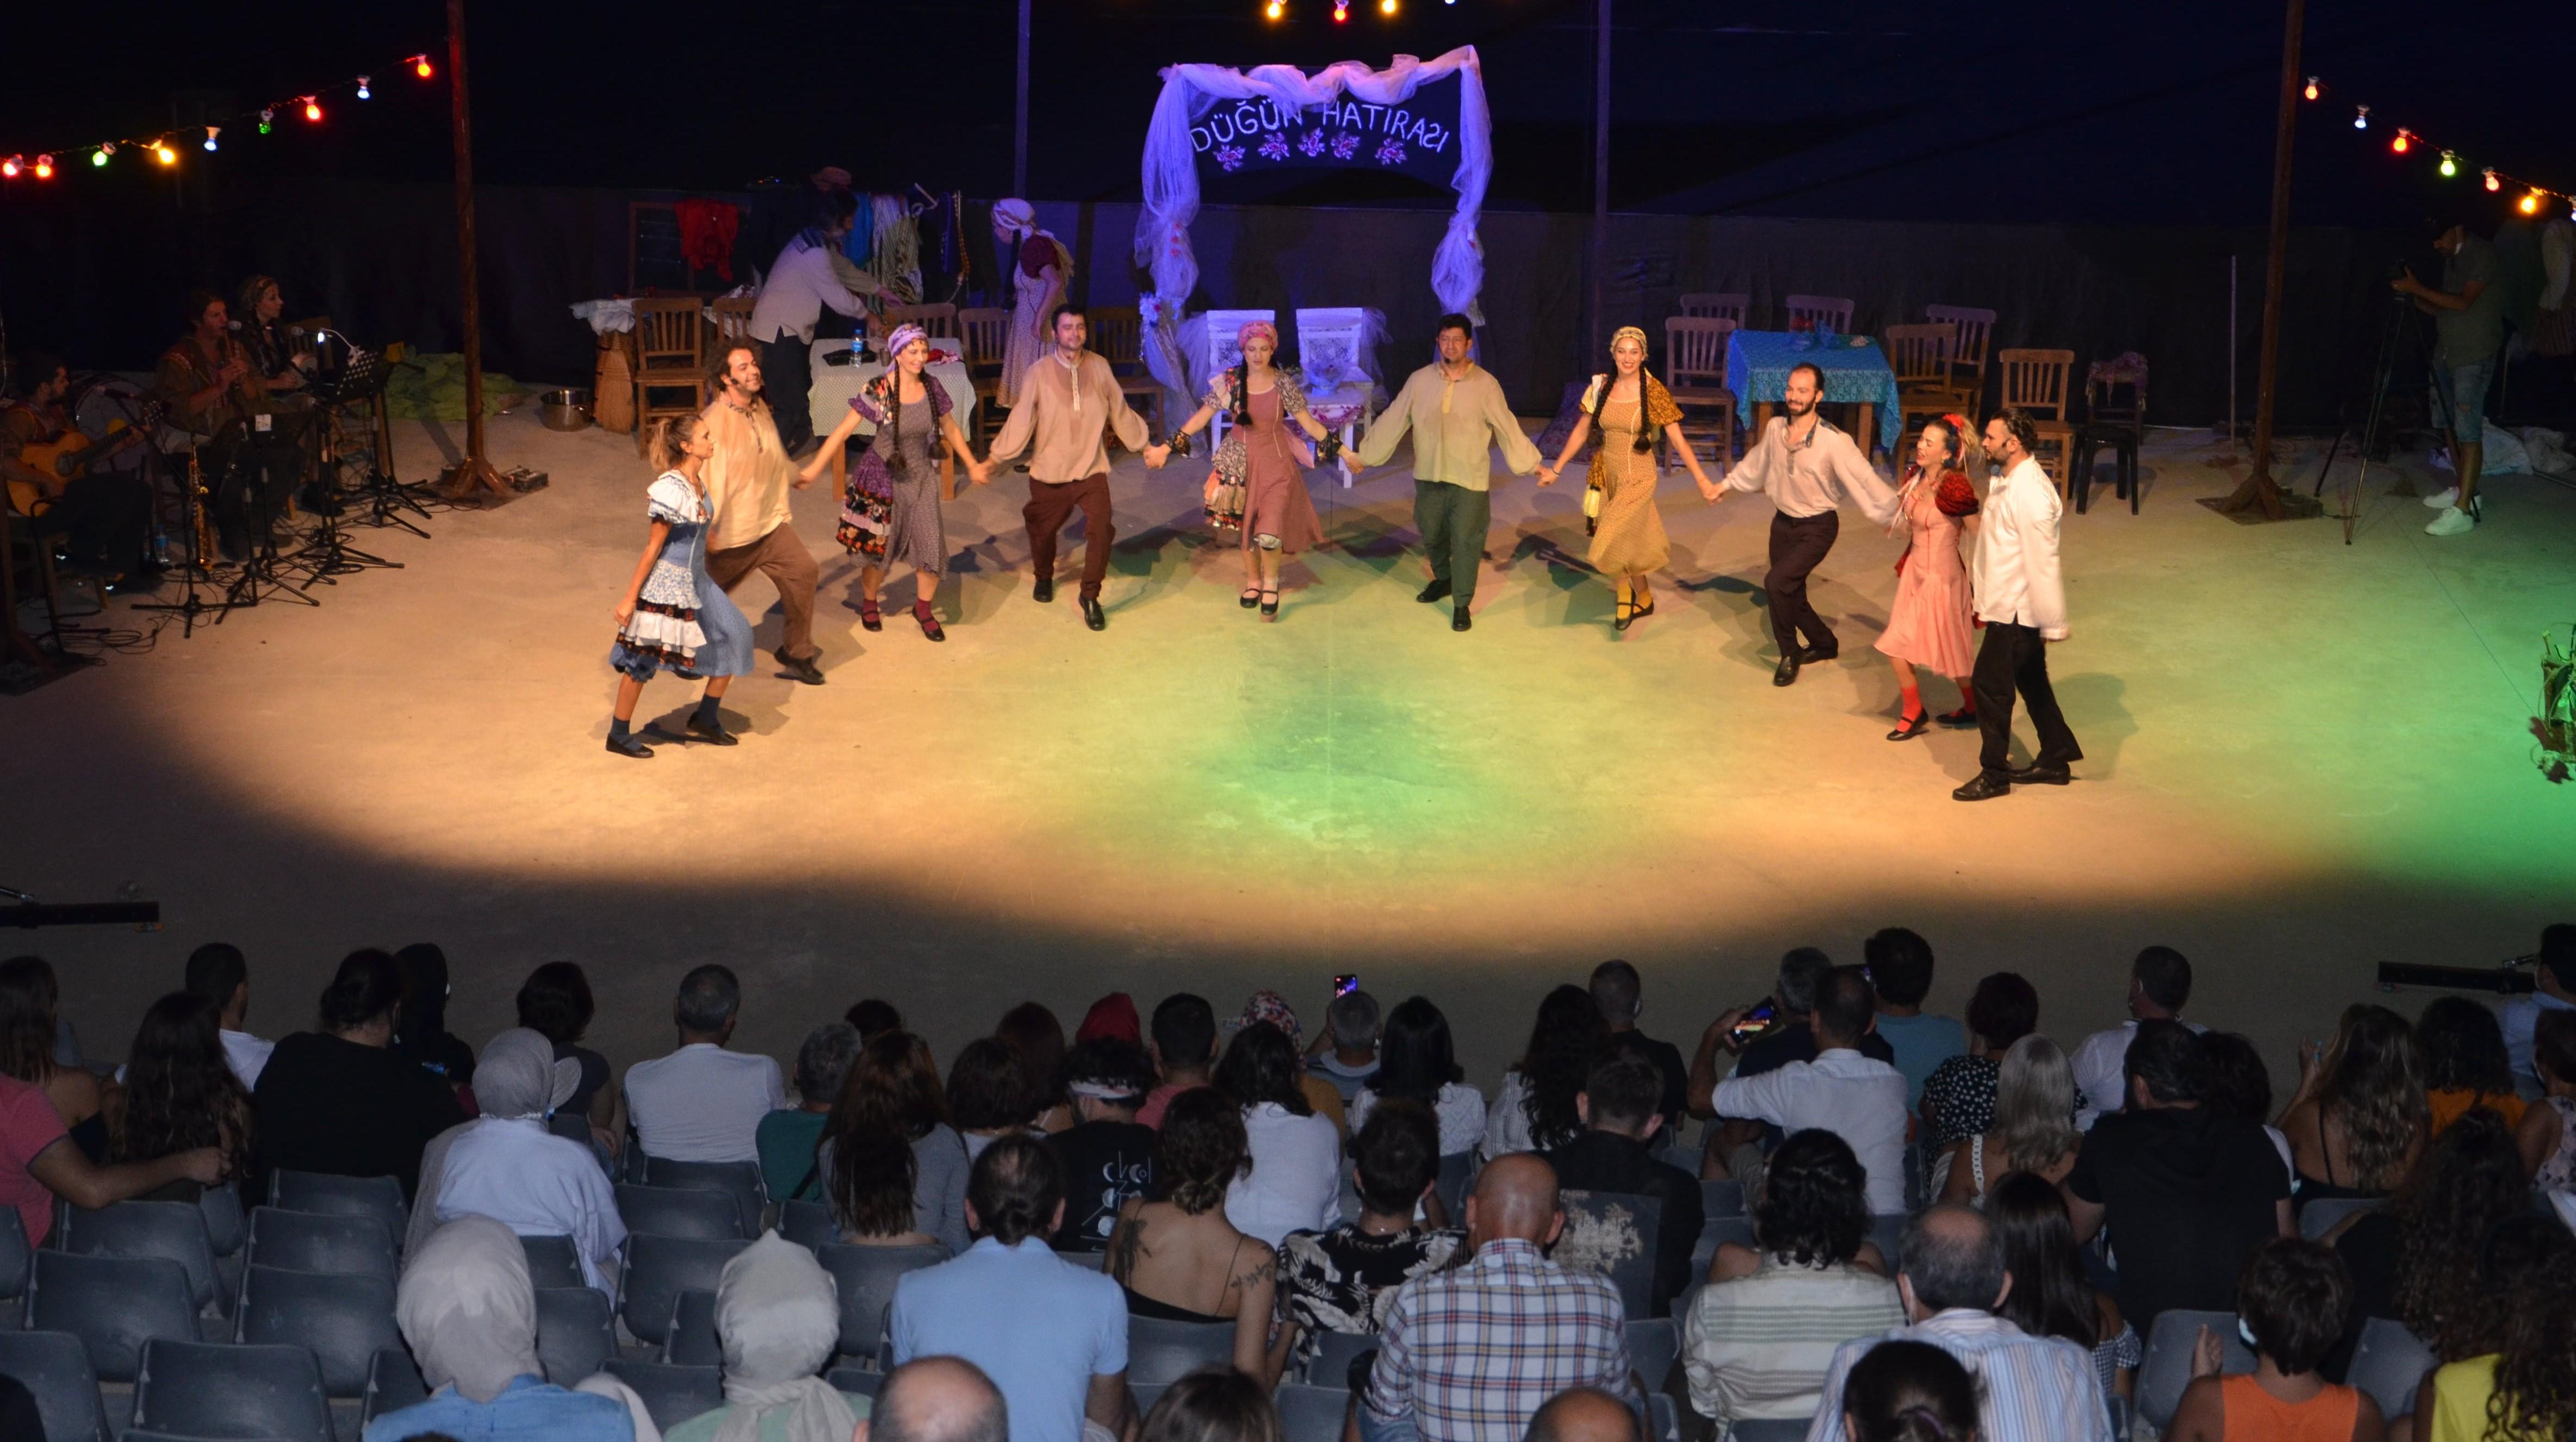 Düğün Hatırası Alanyalı tiyatro severlerle buluştu